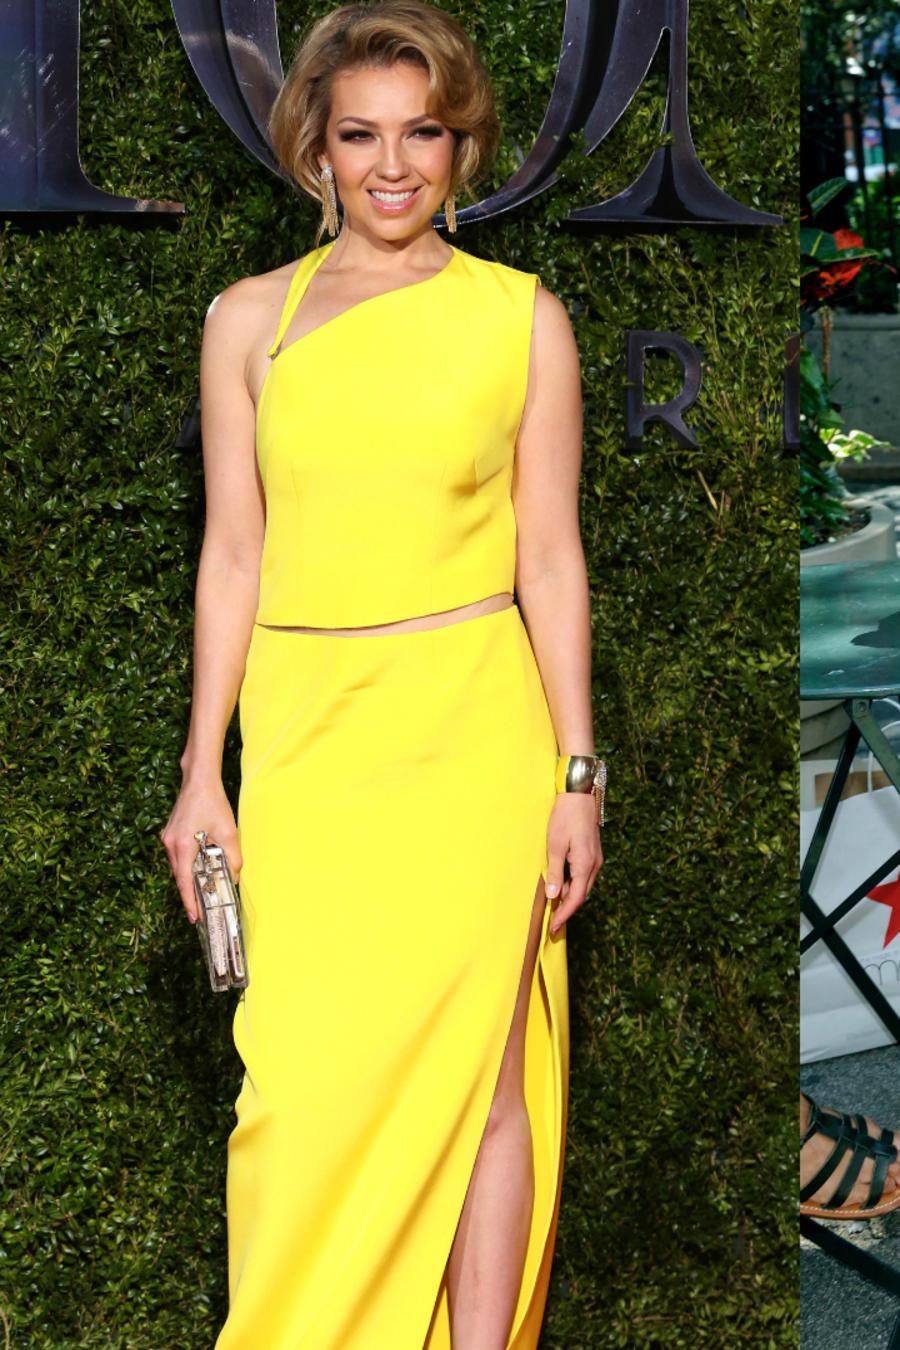 Collage de Thalía en los premios Tony, posando en Starbucks y en bikini a través de Instagram.